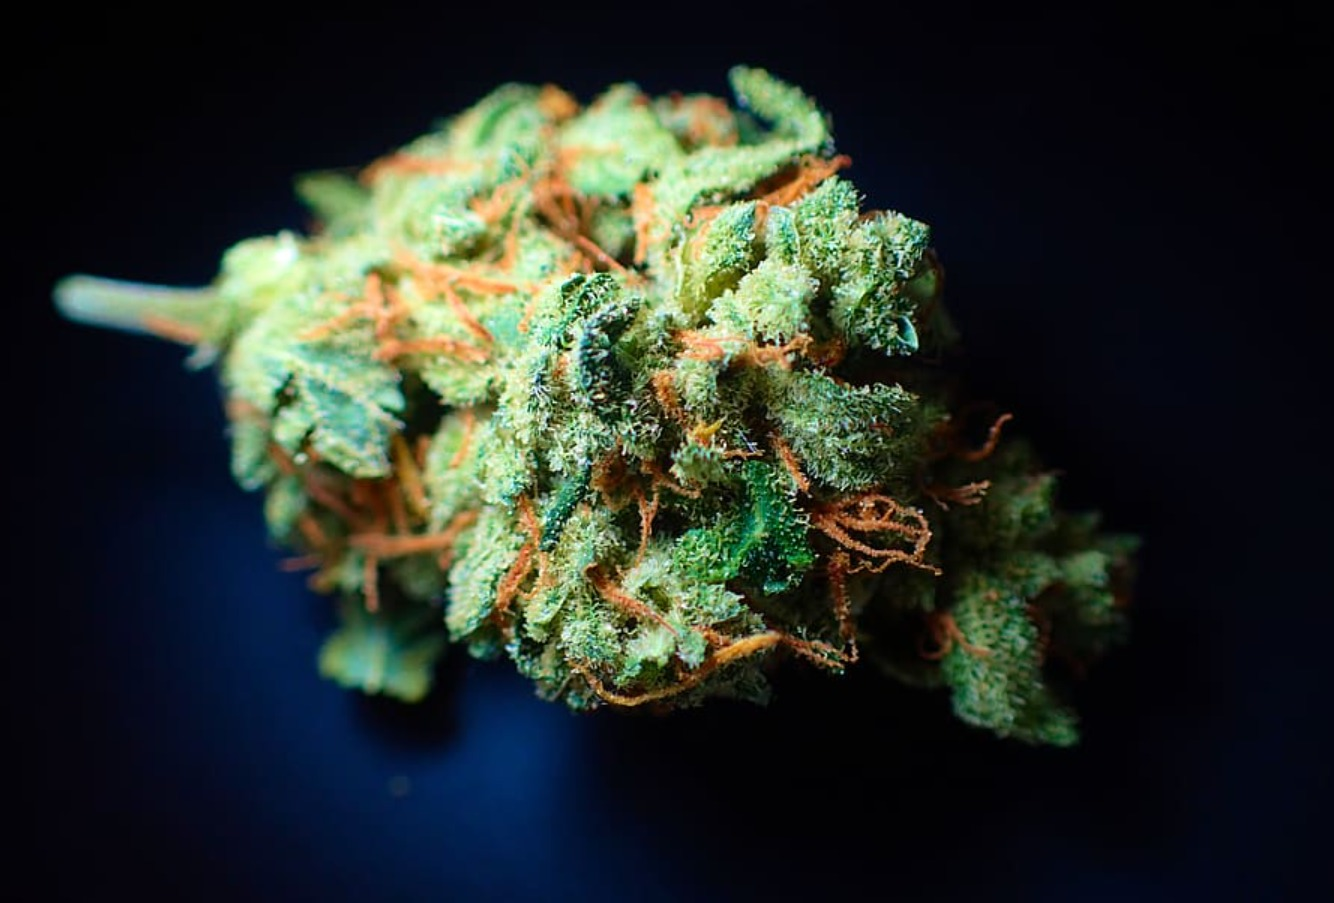 Marihuana môže mať ako pozitívne účinky, tak aj negatívne účinky